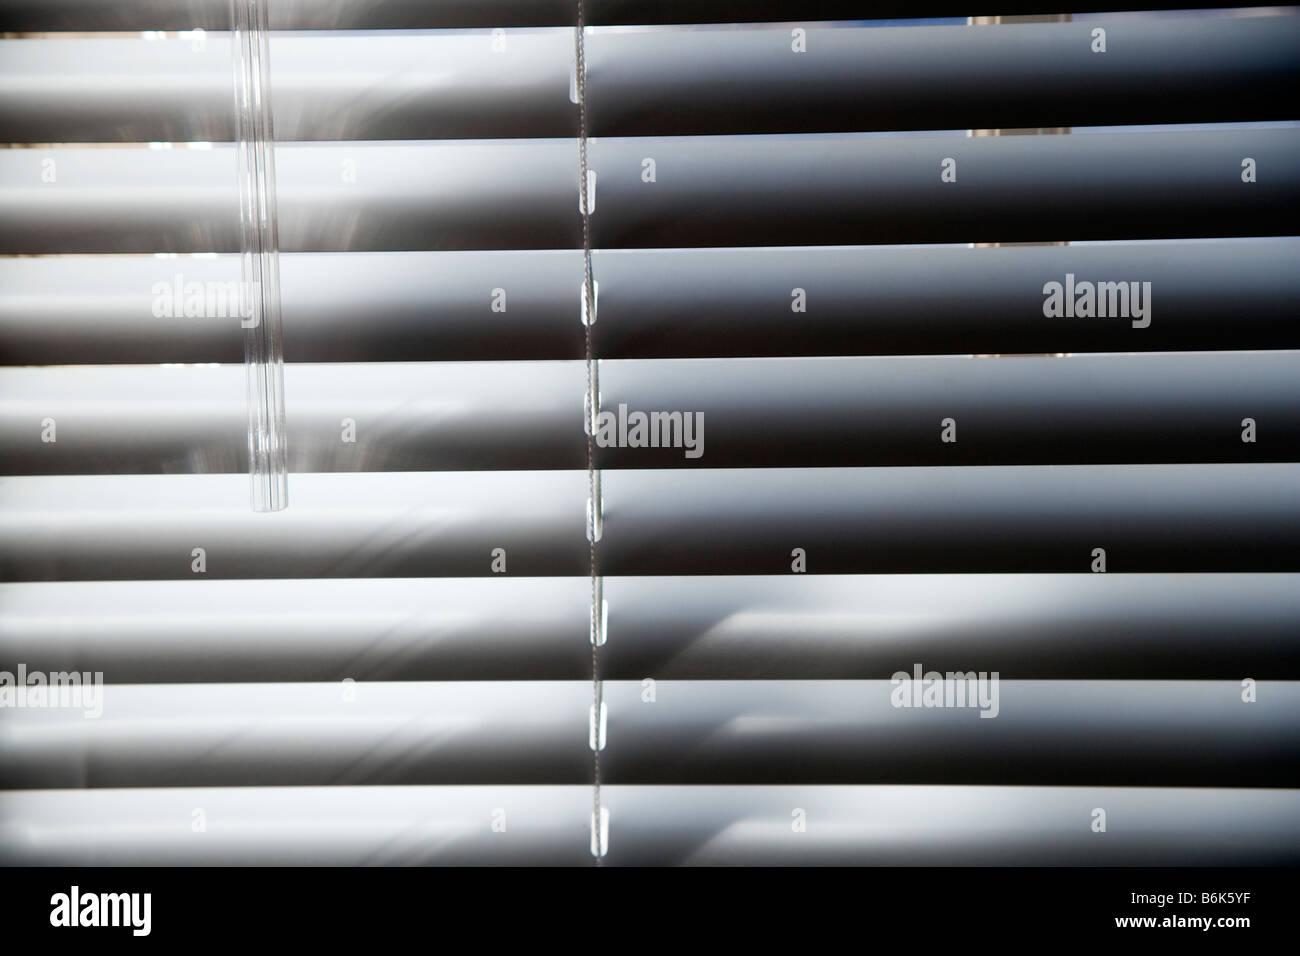 Abstrakte Foto des Sonnenlichts auf Horizontal-Jalousien Stockfoto